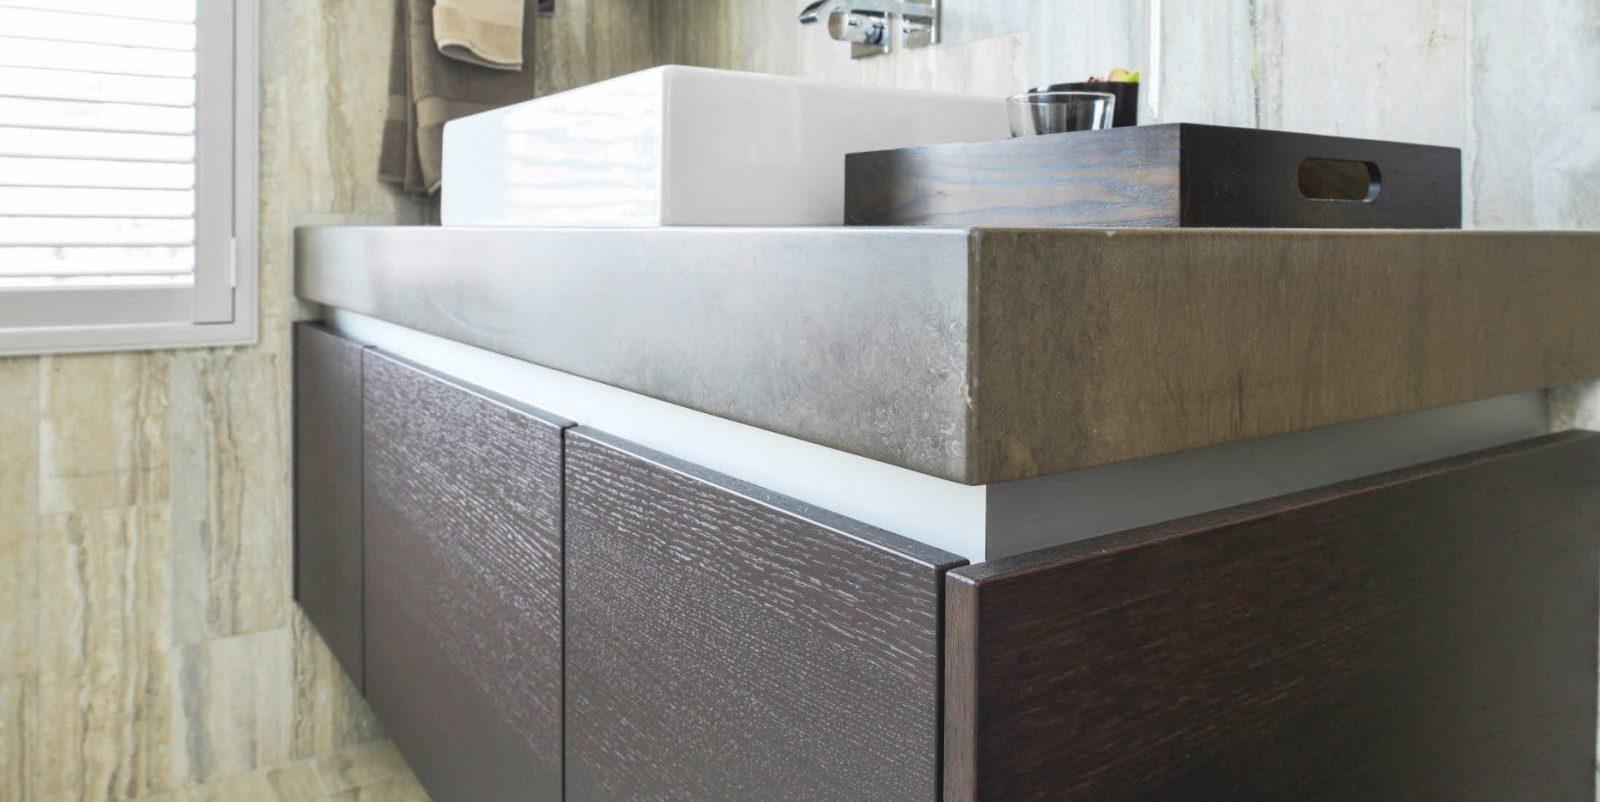 doppelter waschtischunterschrank h ngend holz modern poggenpohl von moderne waschtische mit. Black Bedroom Furniture Sets. Home Design Ideas